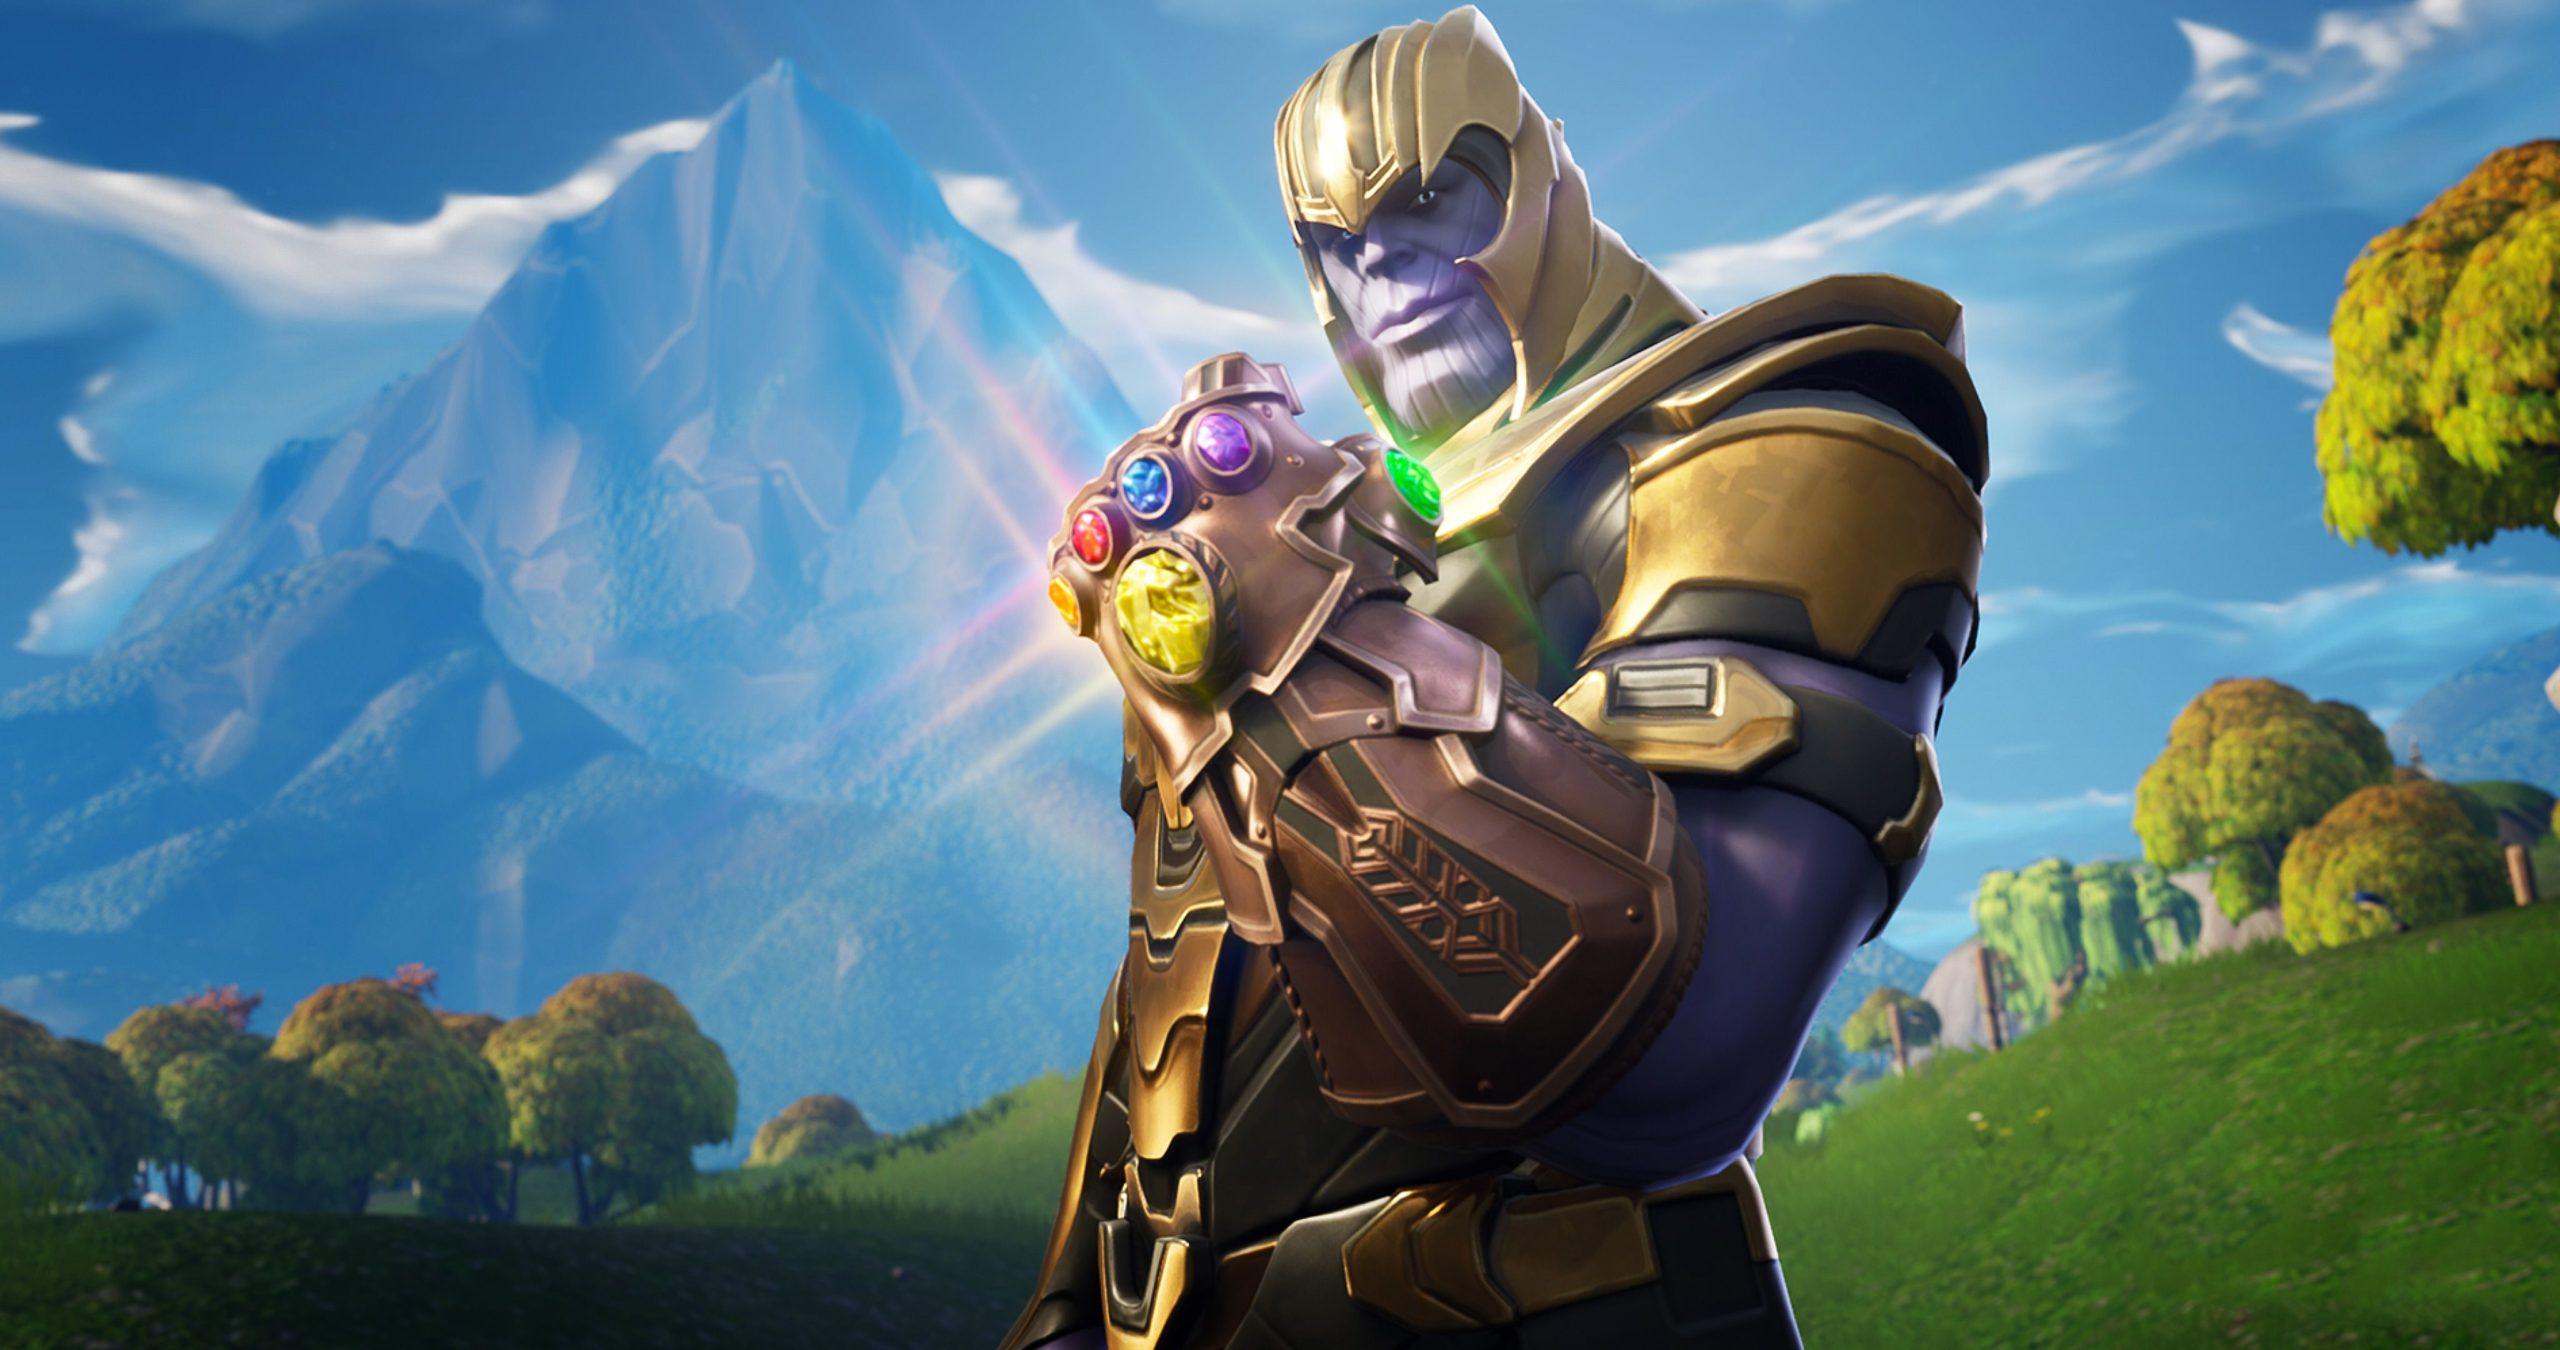 Fortnite-HD-Avengers-Thanos-wallpaper-Full-HD